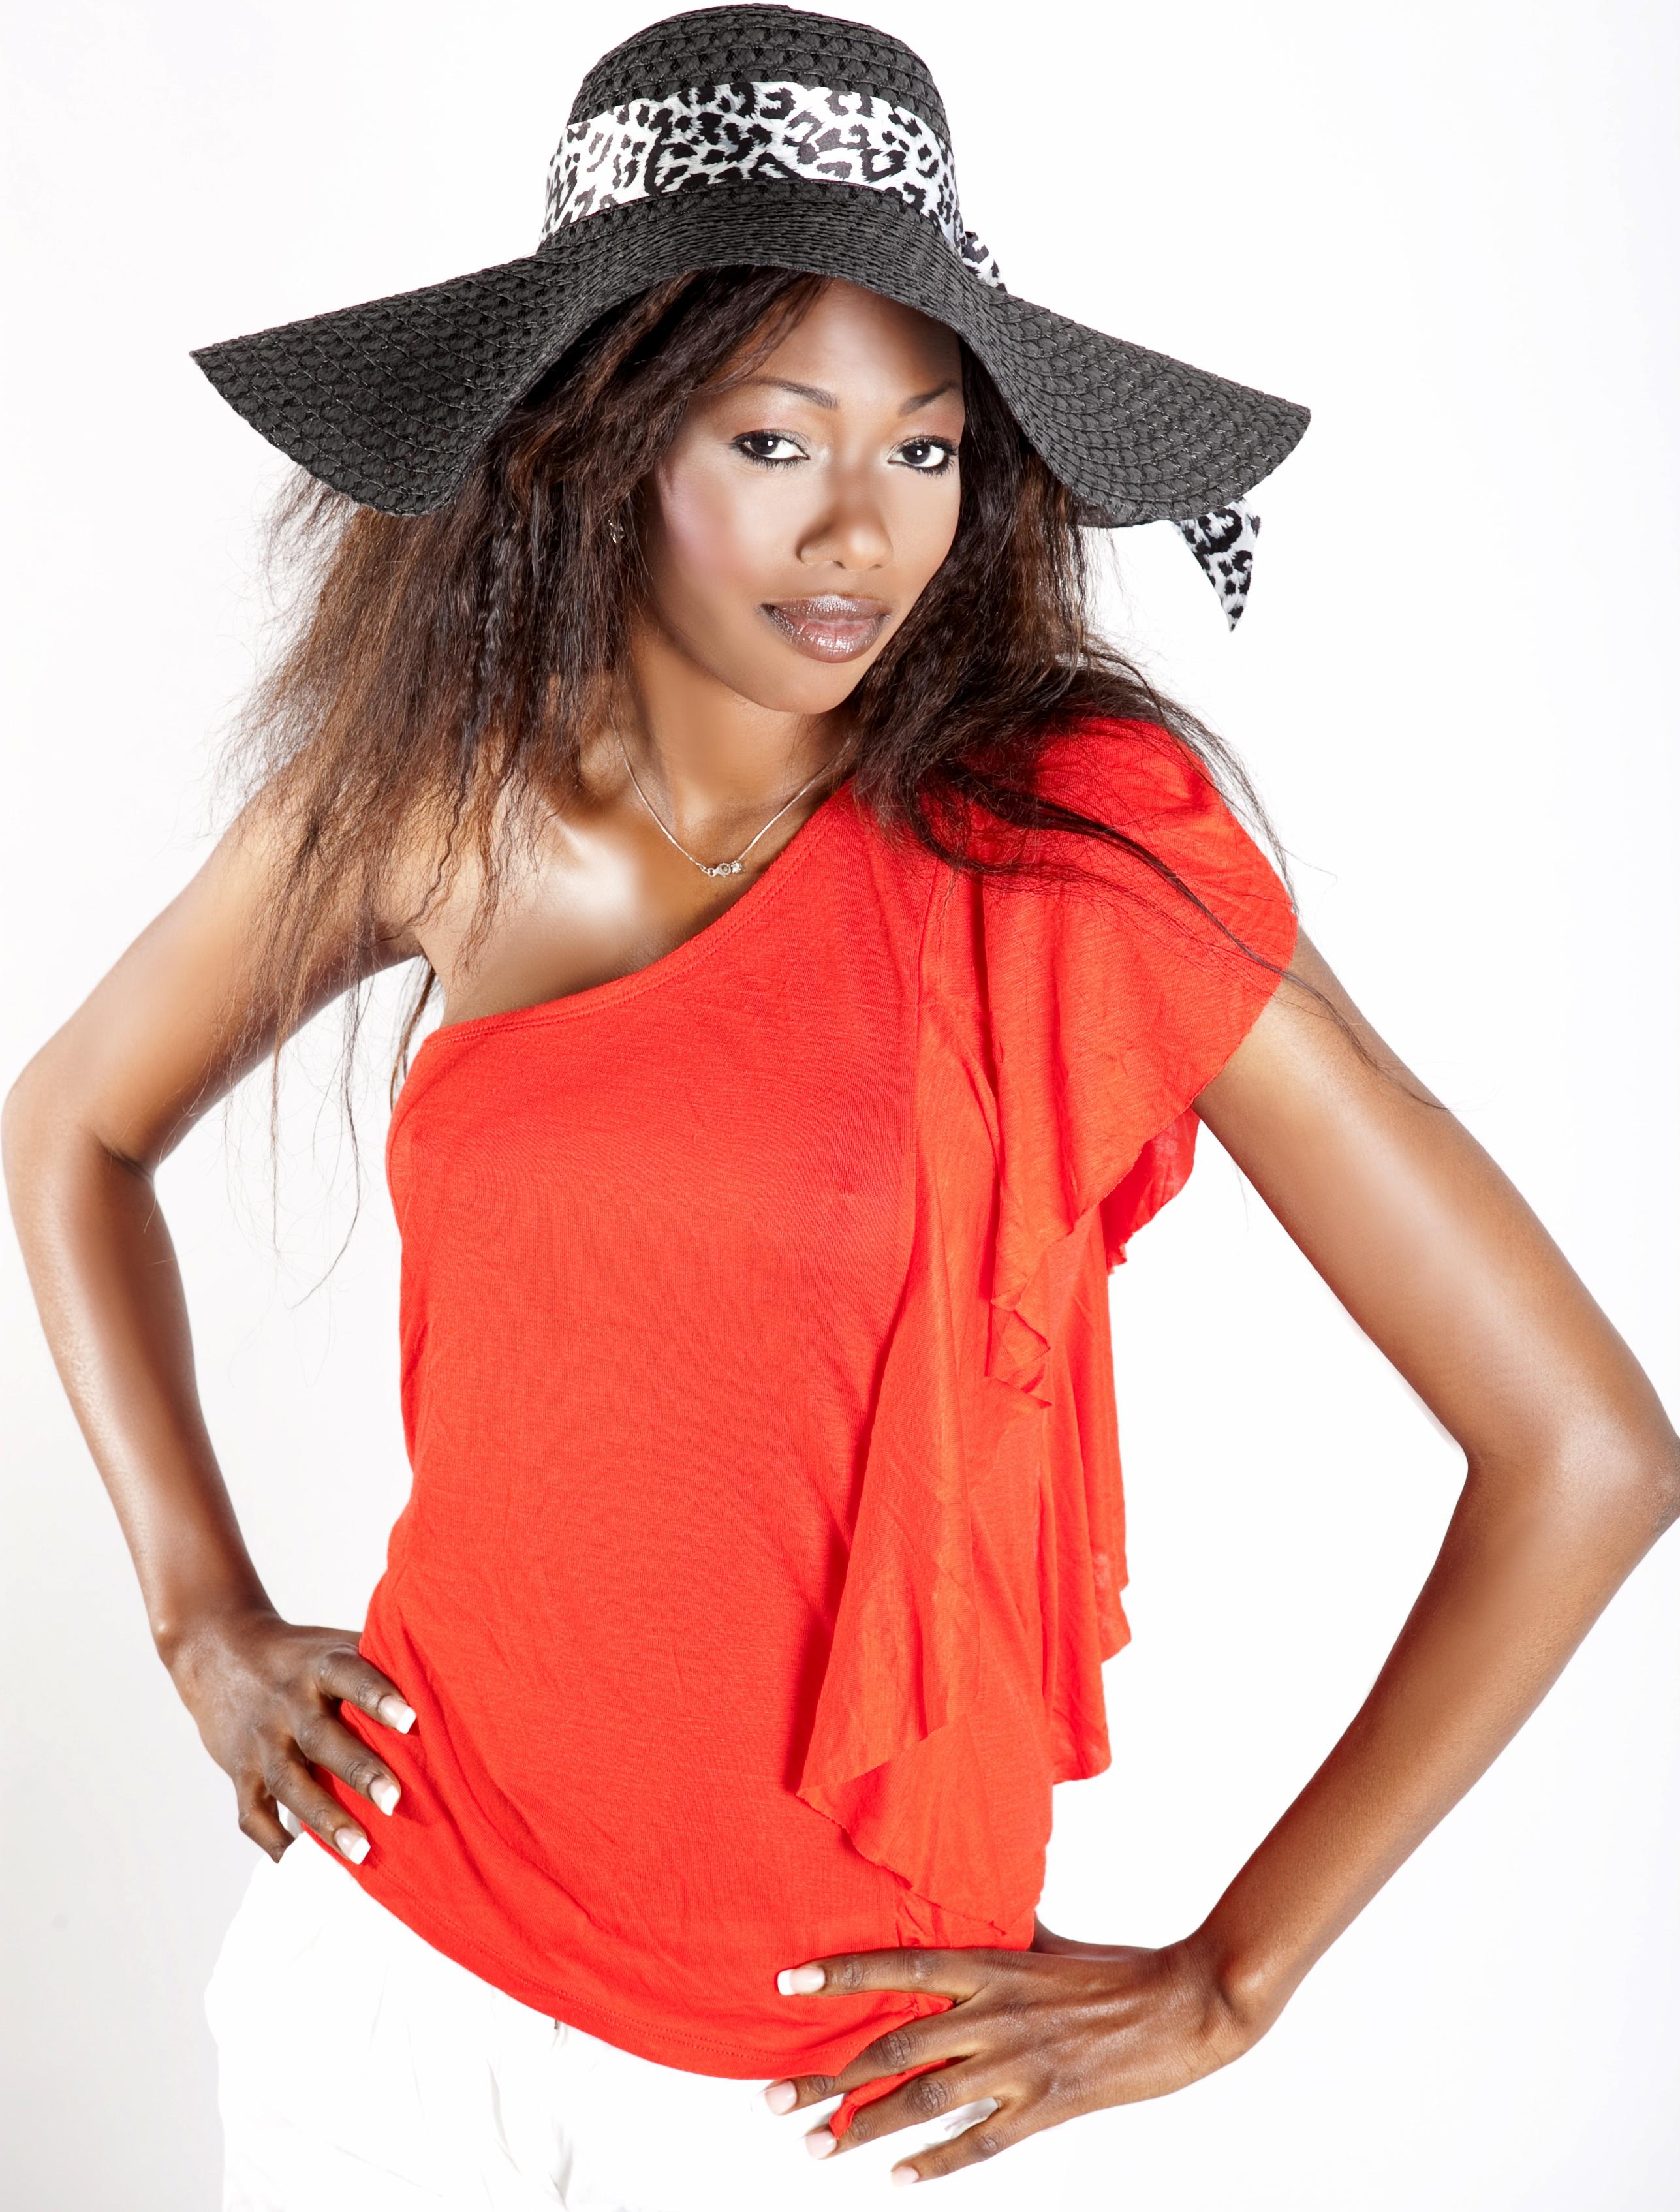 Images Gratuites : noir et blanc, fille, femelle, portrait, chapeau, Vêtements d'extérieur, visage, beauté, sexy, agréable, style, Caraïbes, jeune femme, ...